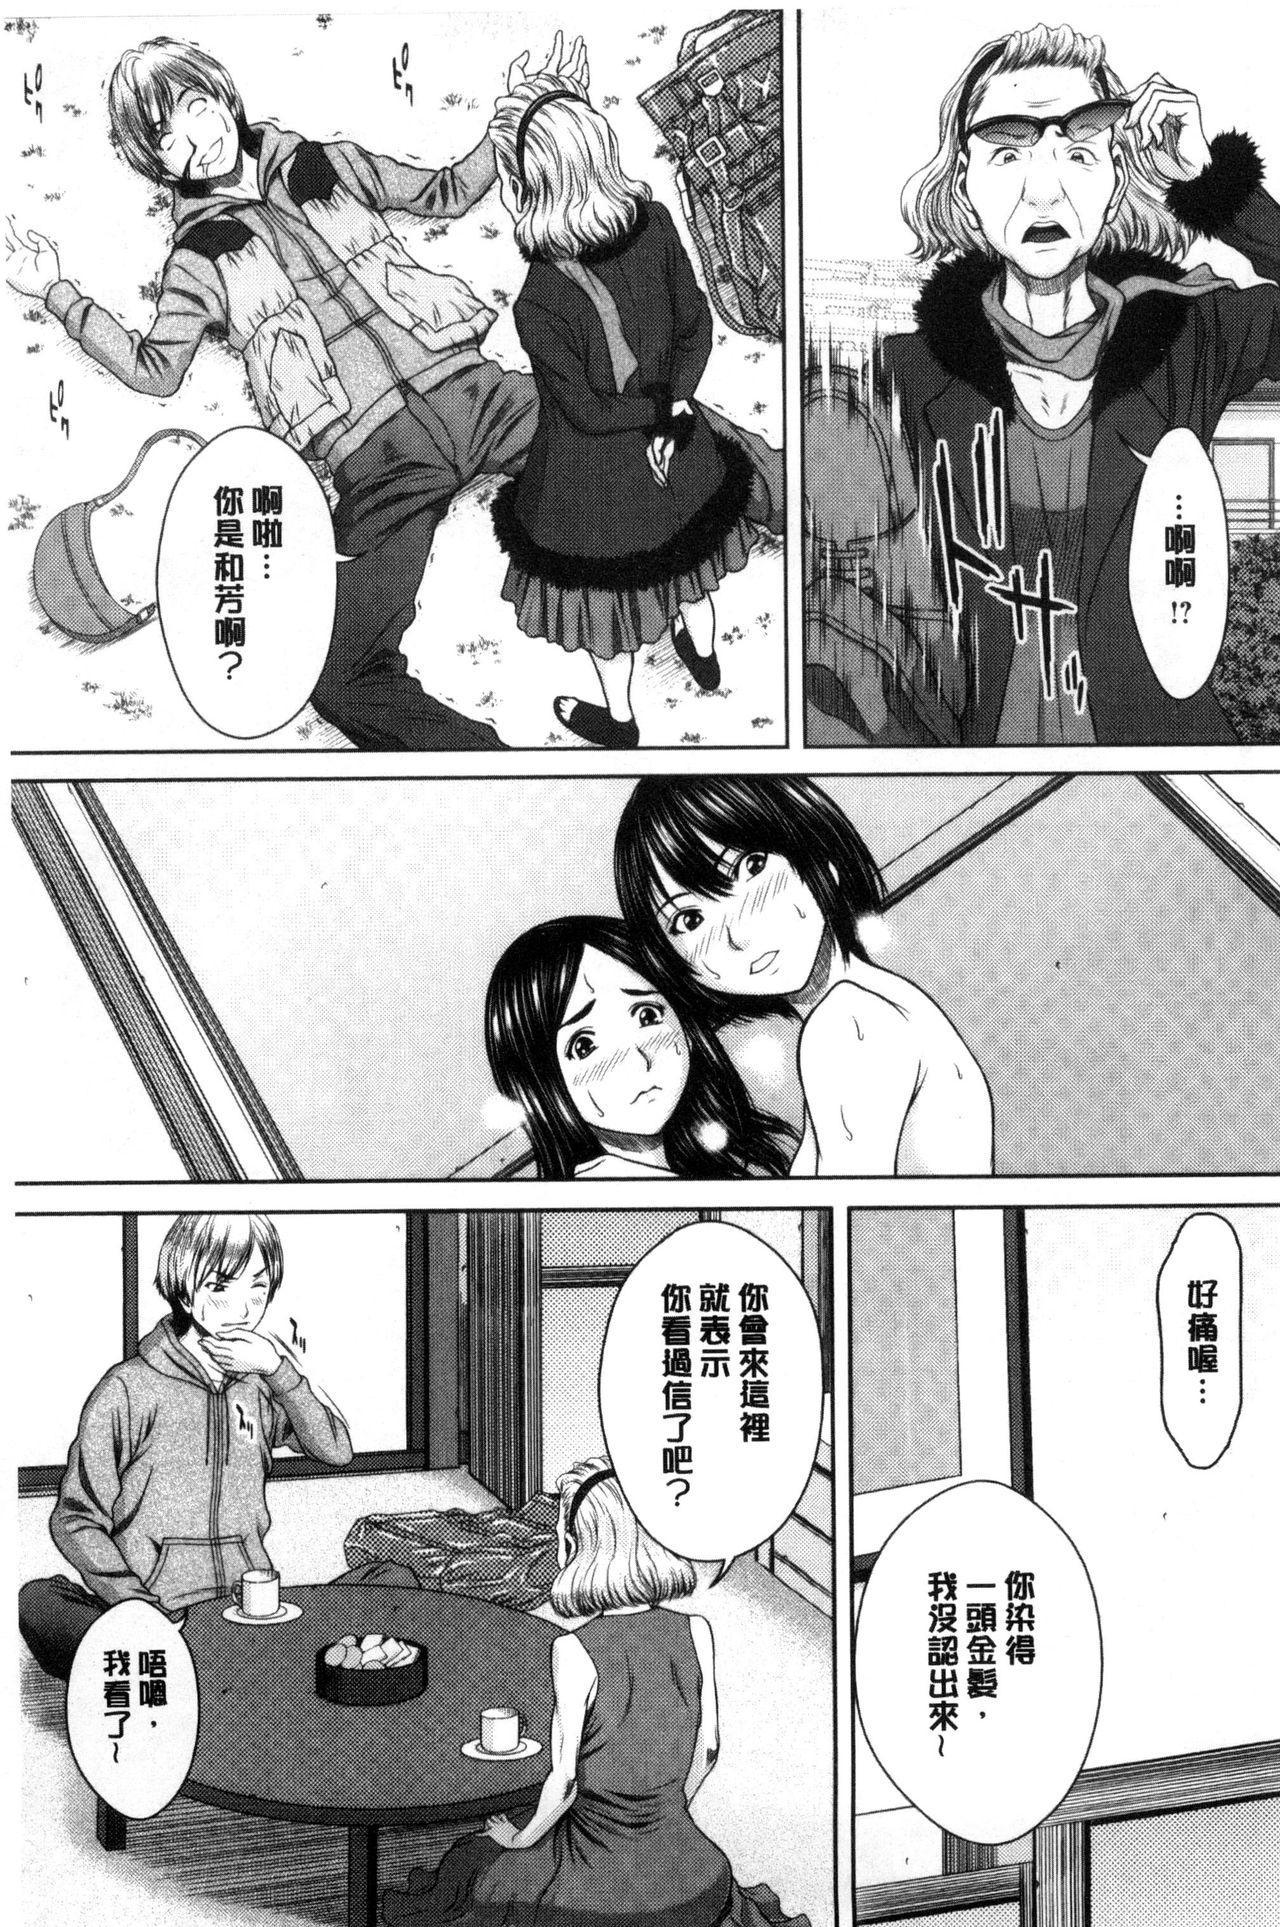 Mesukano Inbina Mesu Kanojotachi To No Hibi 79